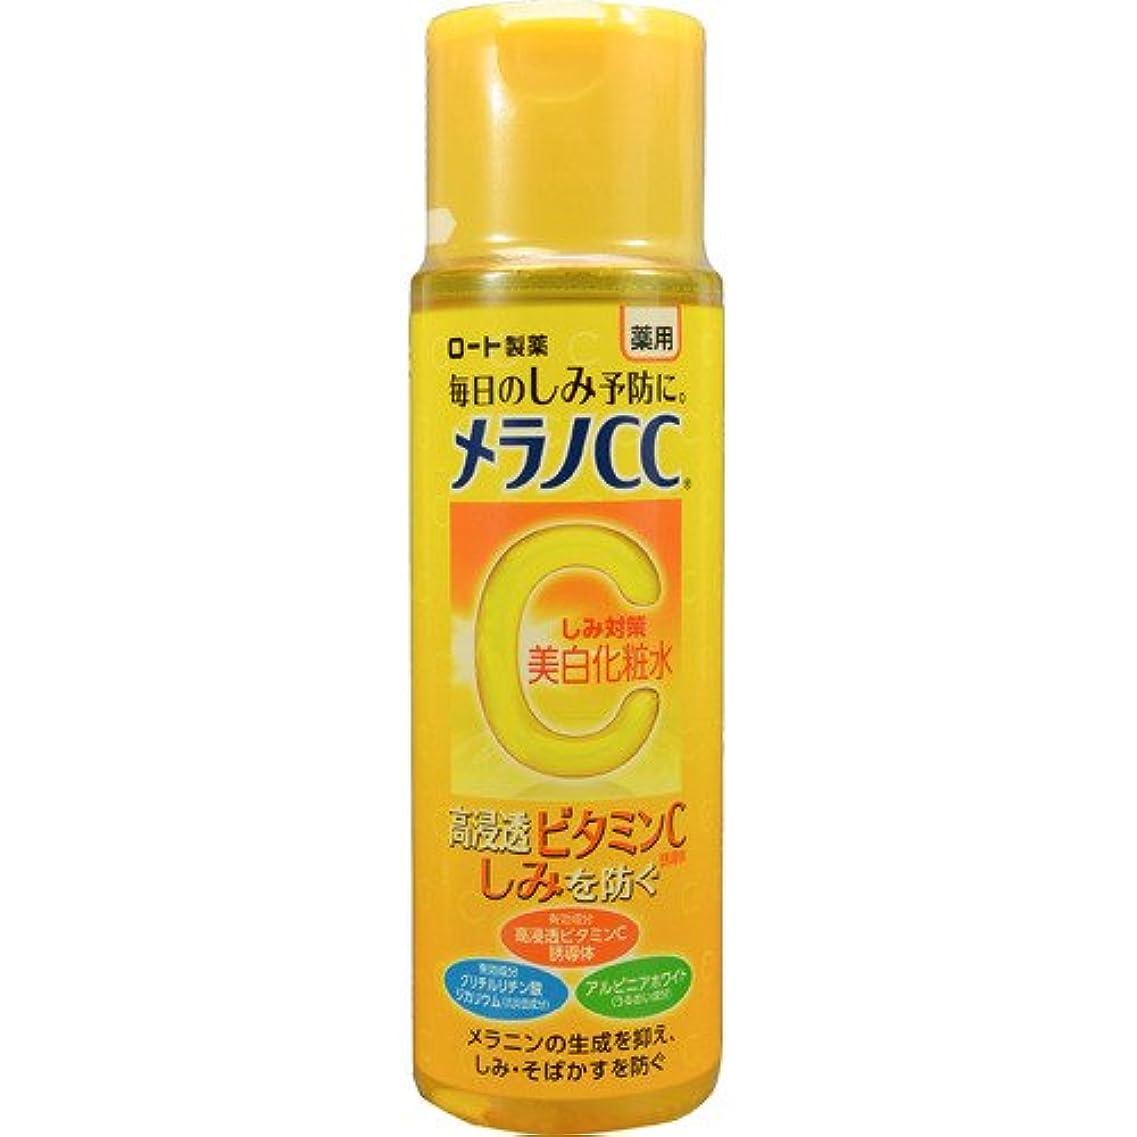 専制注入する香港【セット品】メラノCC 薬用しみ対策 美白化粧水 170mL (医薬部外品) ×10個